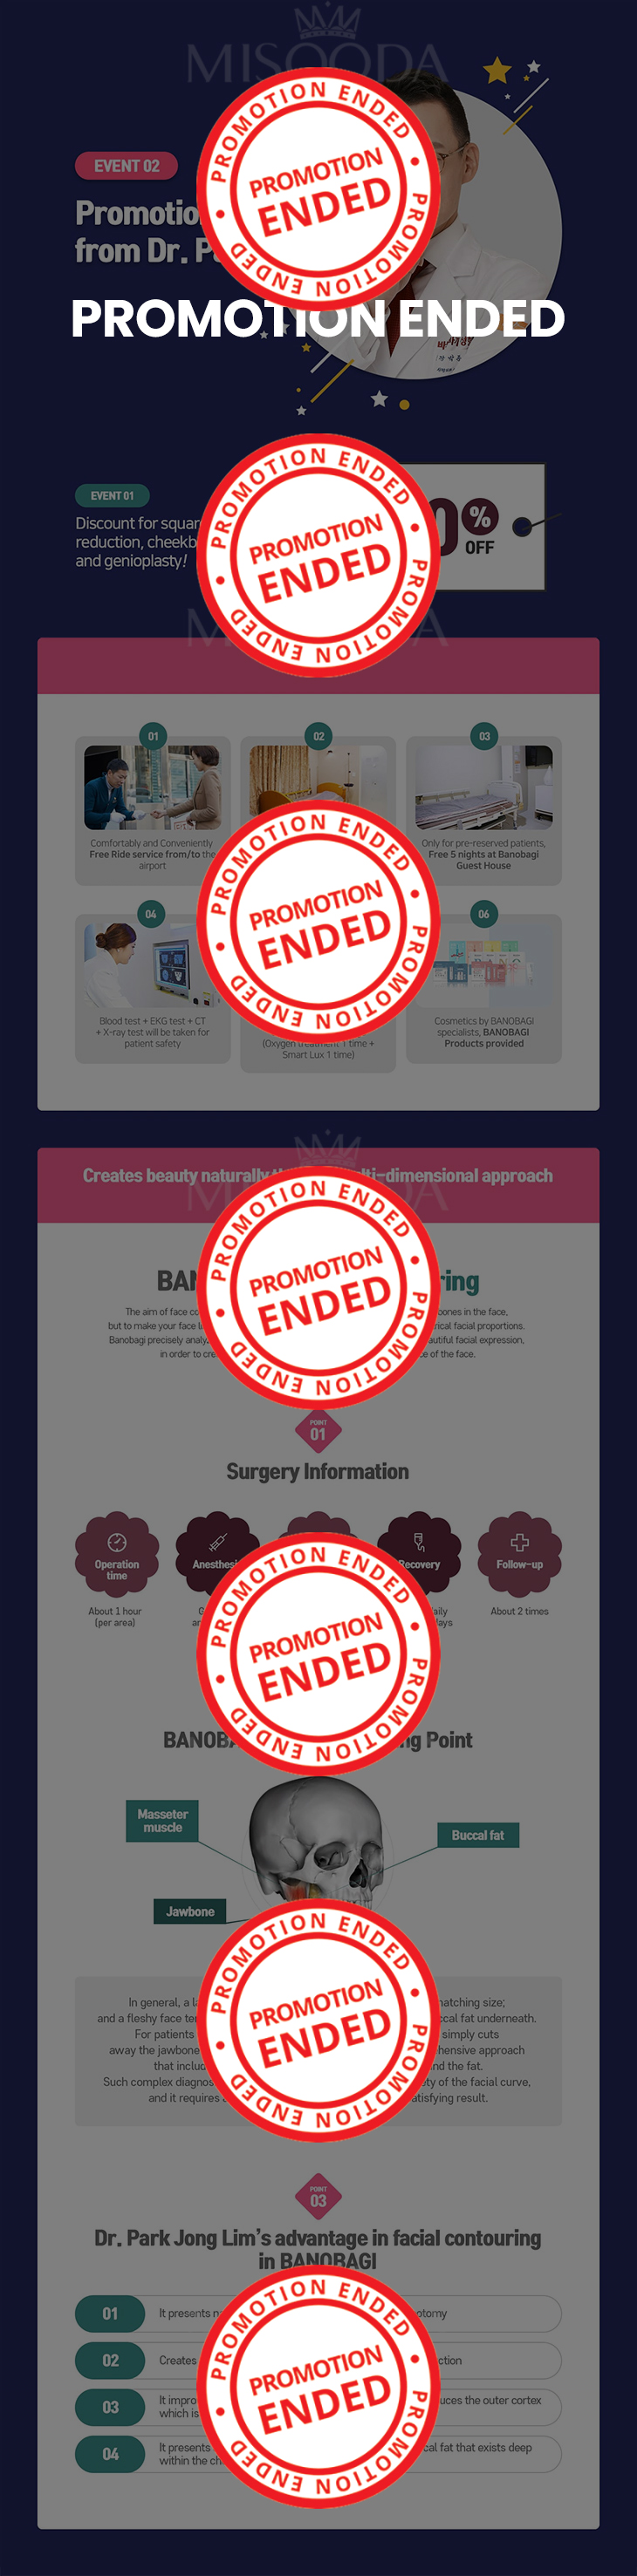 Square jaw reduction, cheekbone reduction and genioplasty